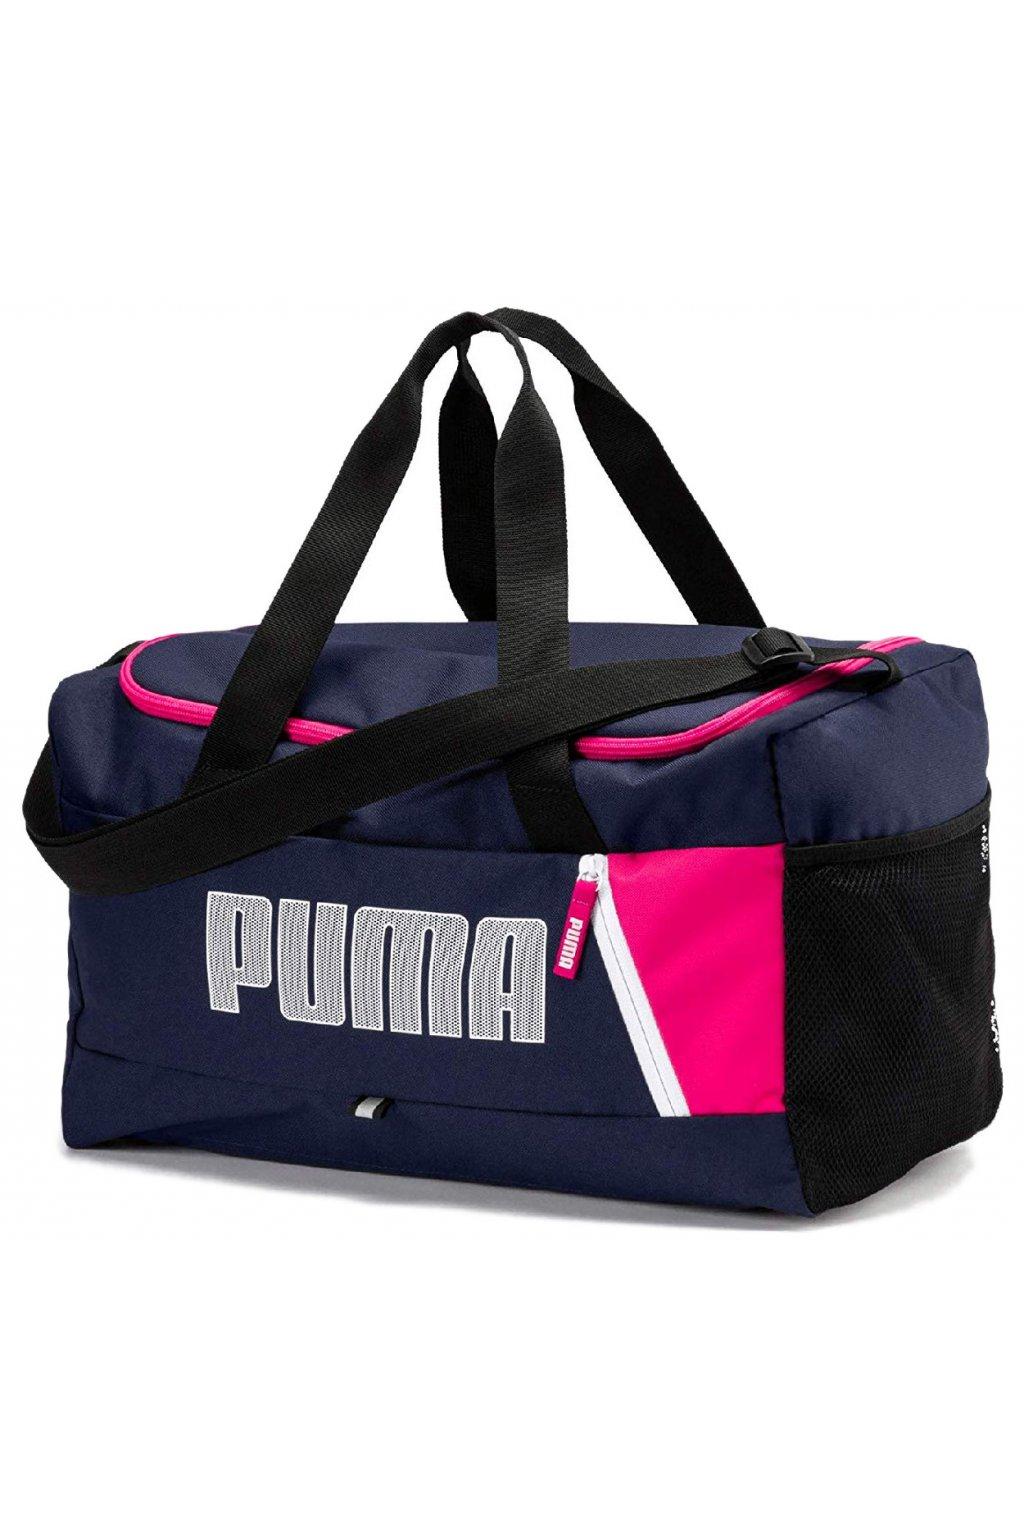 2248f16932 PUMA športová taška